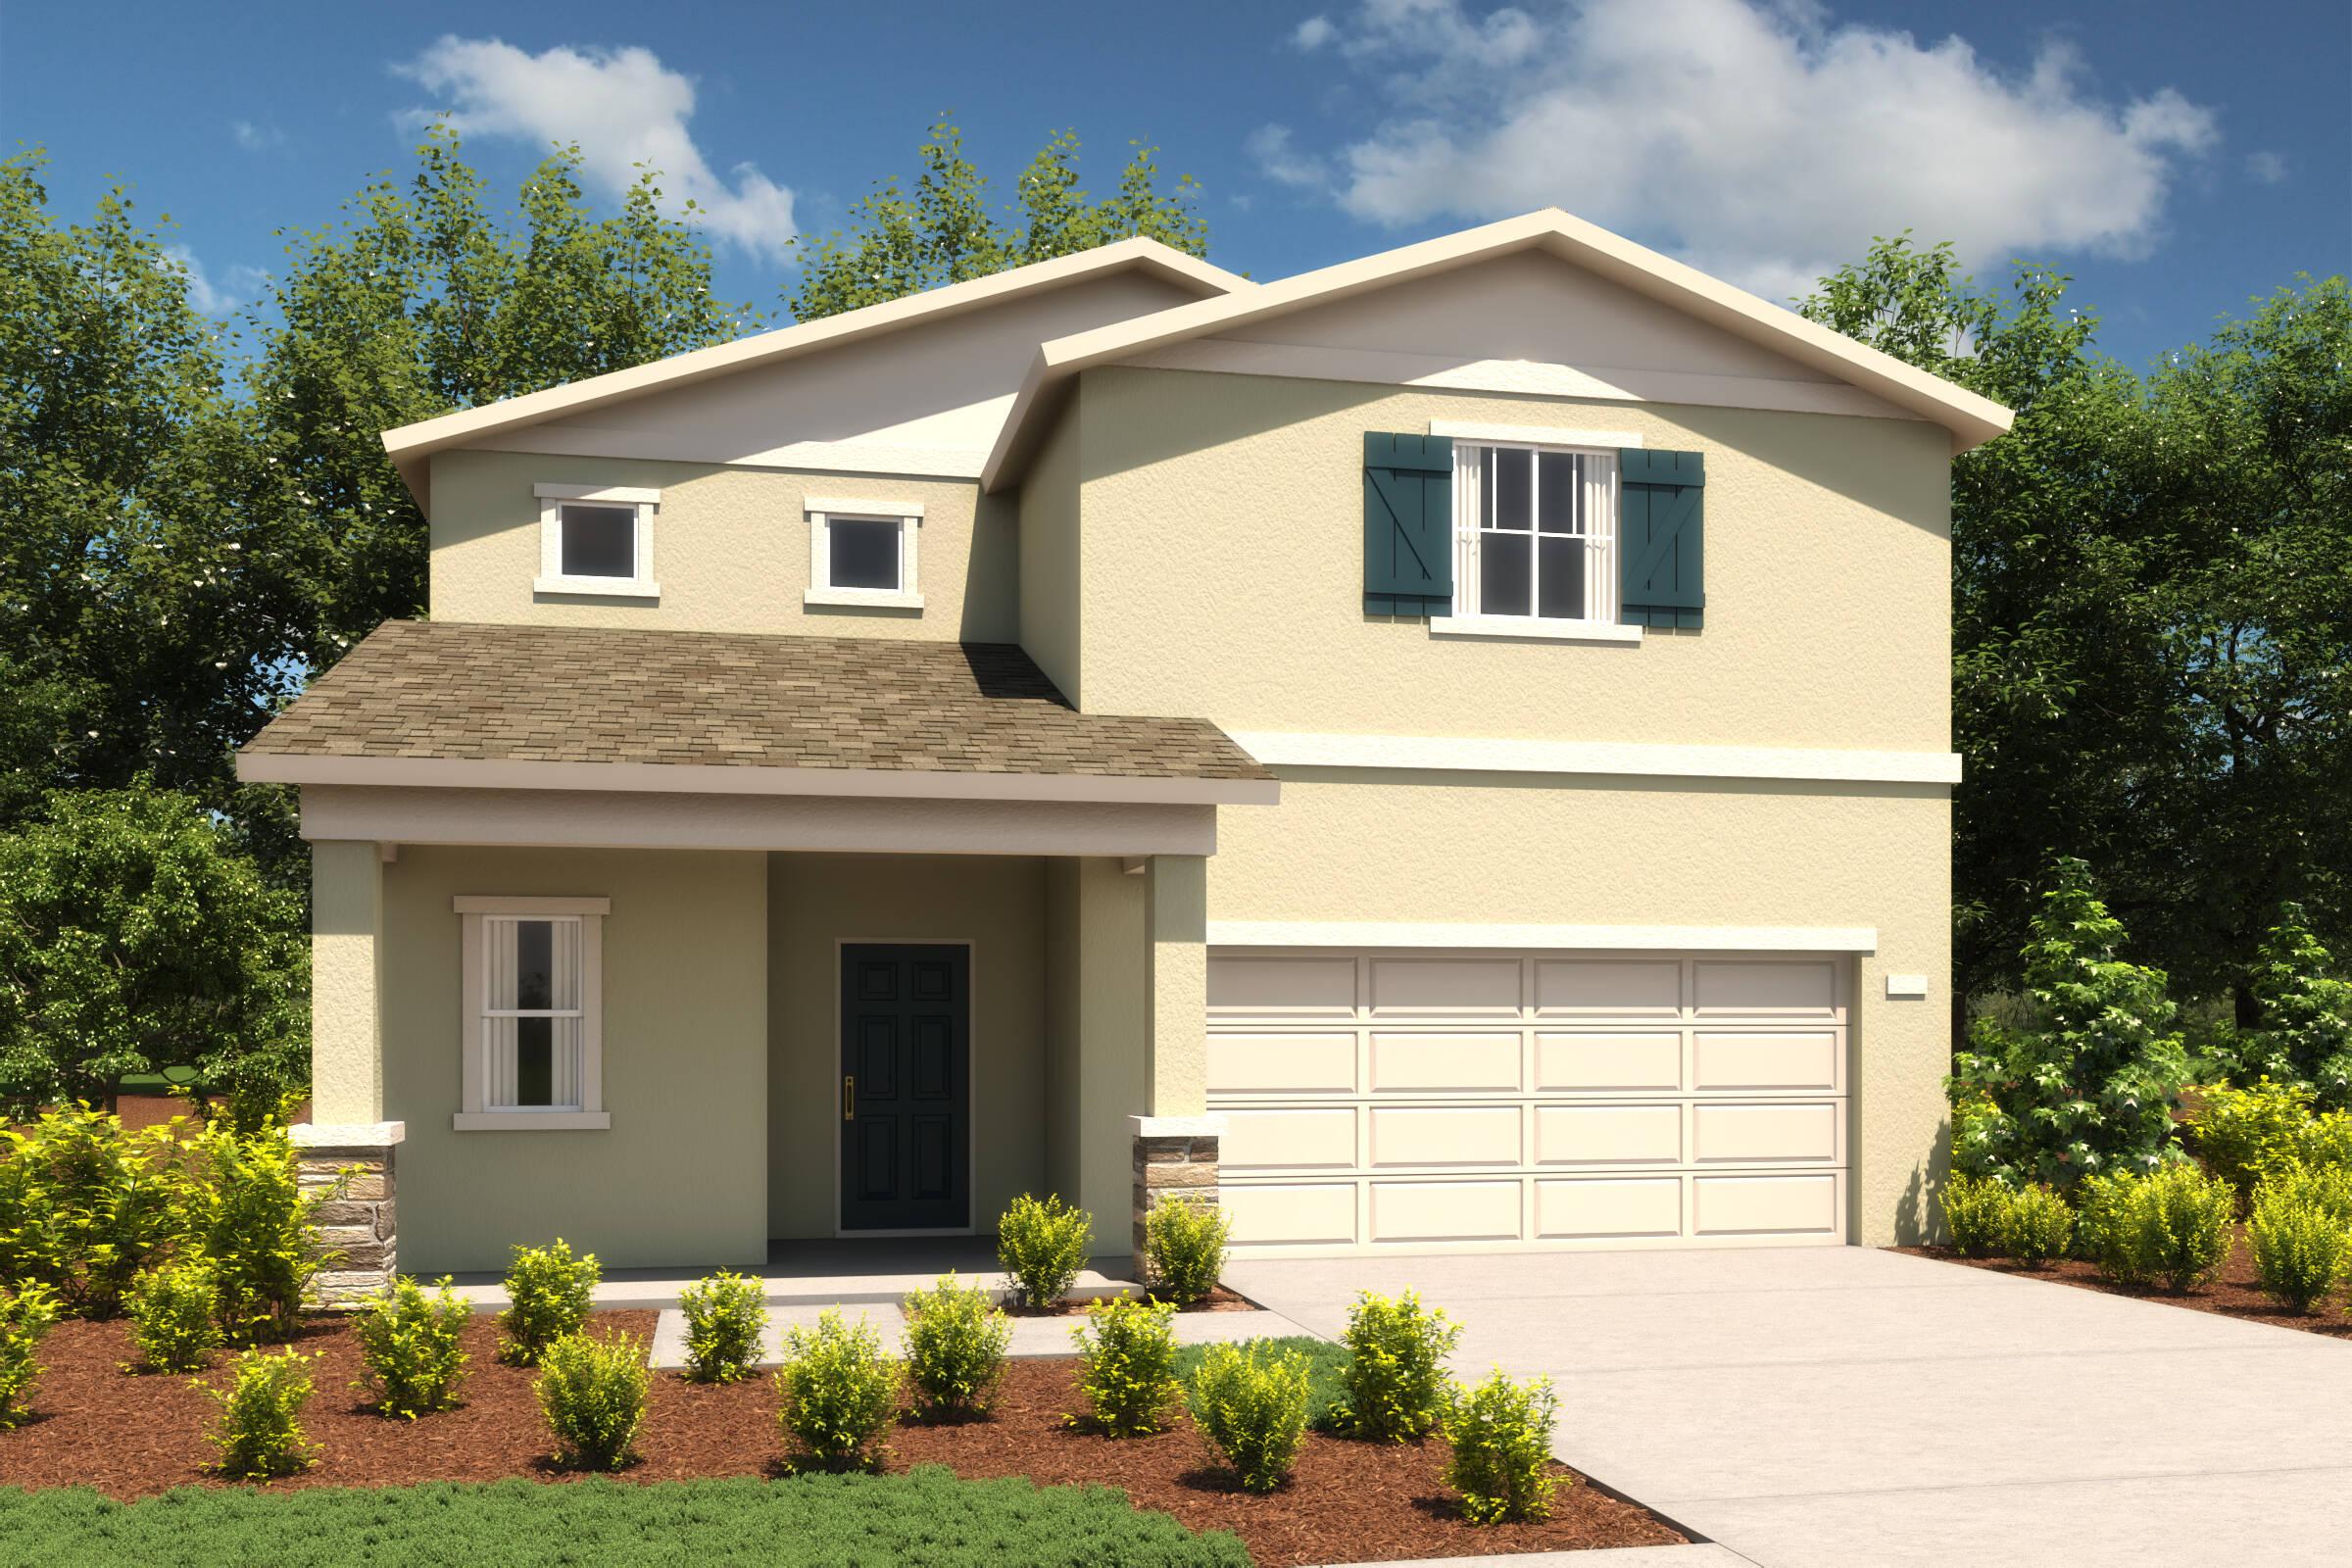 3578 gardenia b craftsman new homes aspire sierra vista